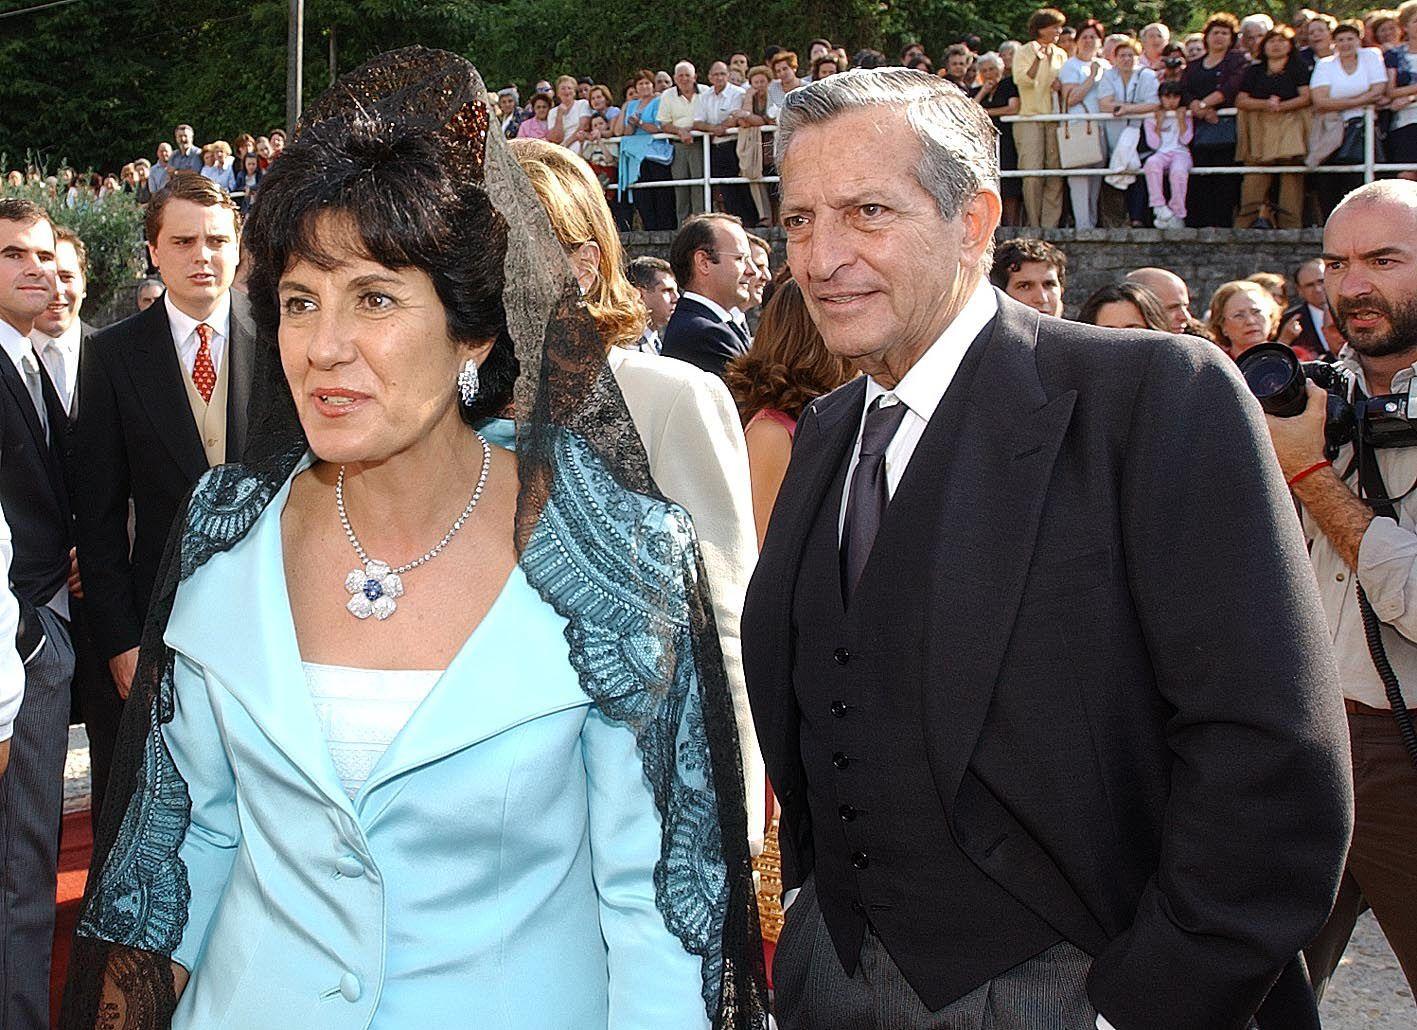 La boda de ¡Hola! que congregó a numerosos famosos se celebró en Redondela